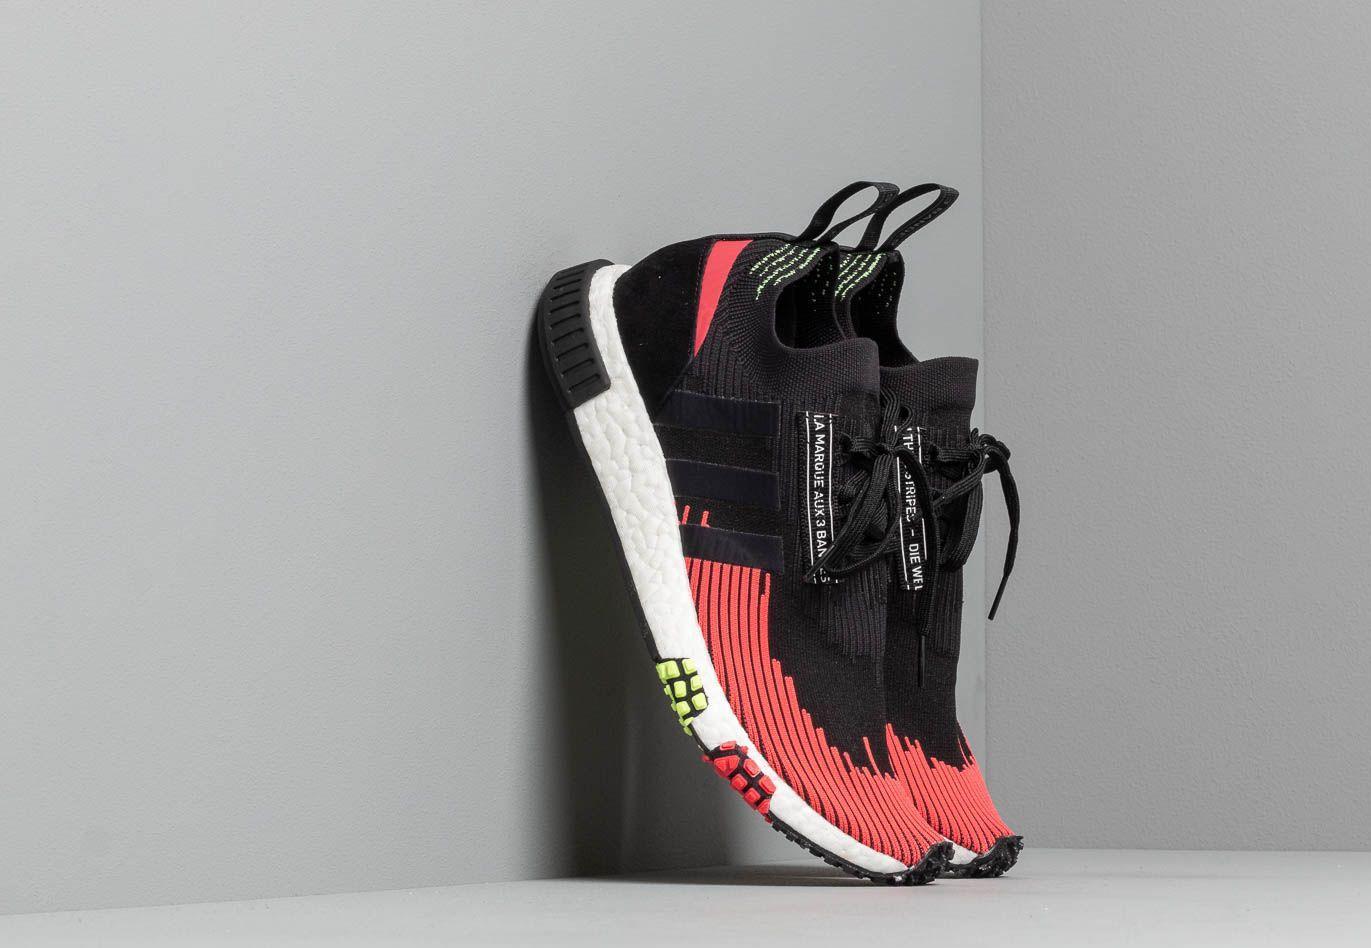 80d9f09911f11 Lyst - adidas Originals Adidas Nmd racer Pk Core Black  Core Black ...